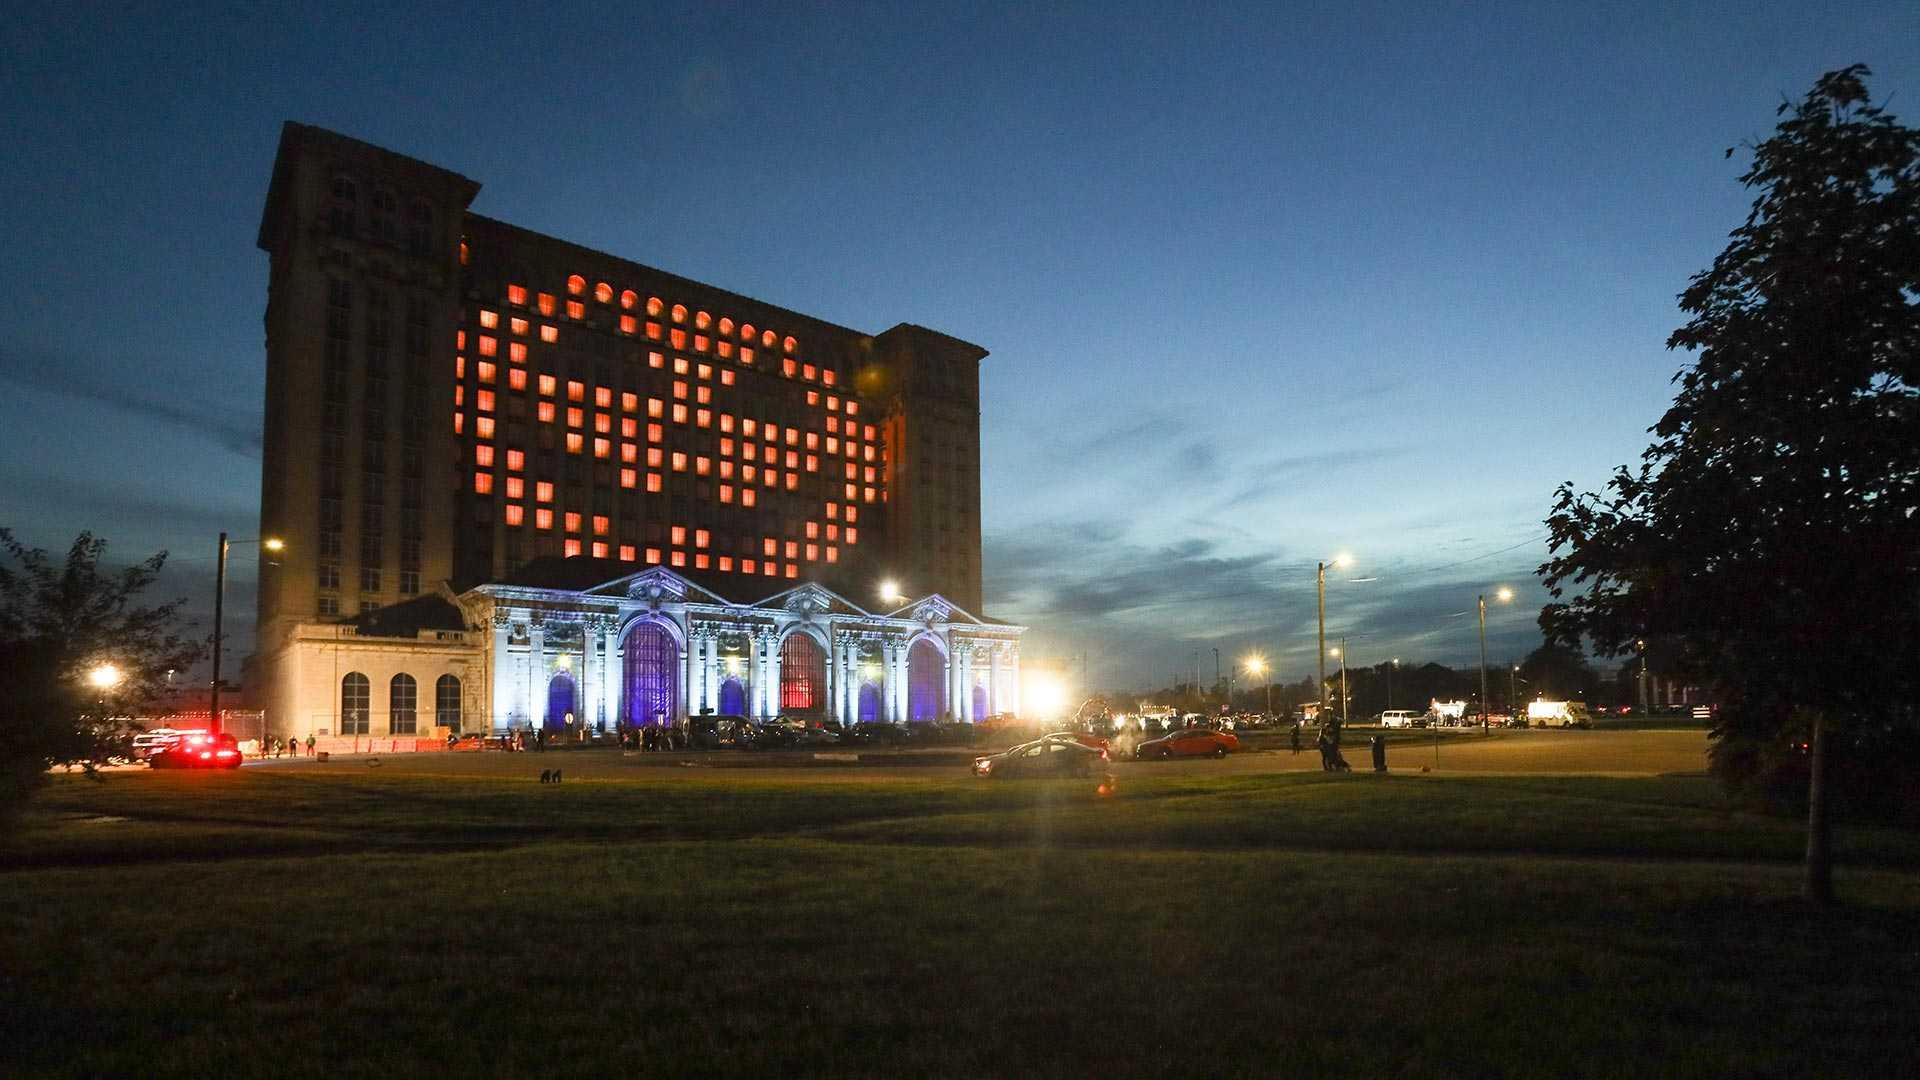 Ford нарядил здание вокзала на Хеллоуин